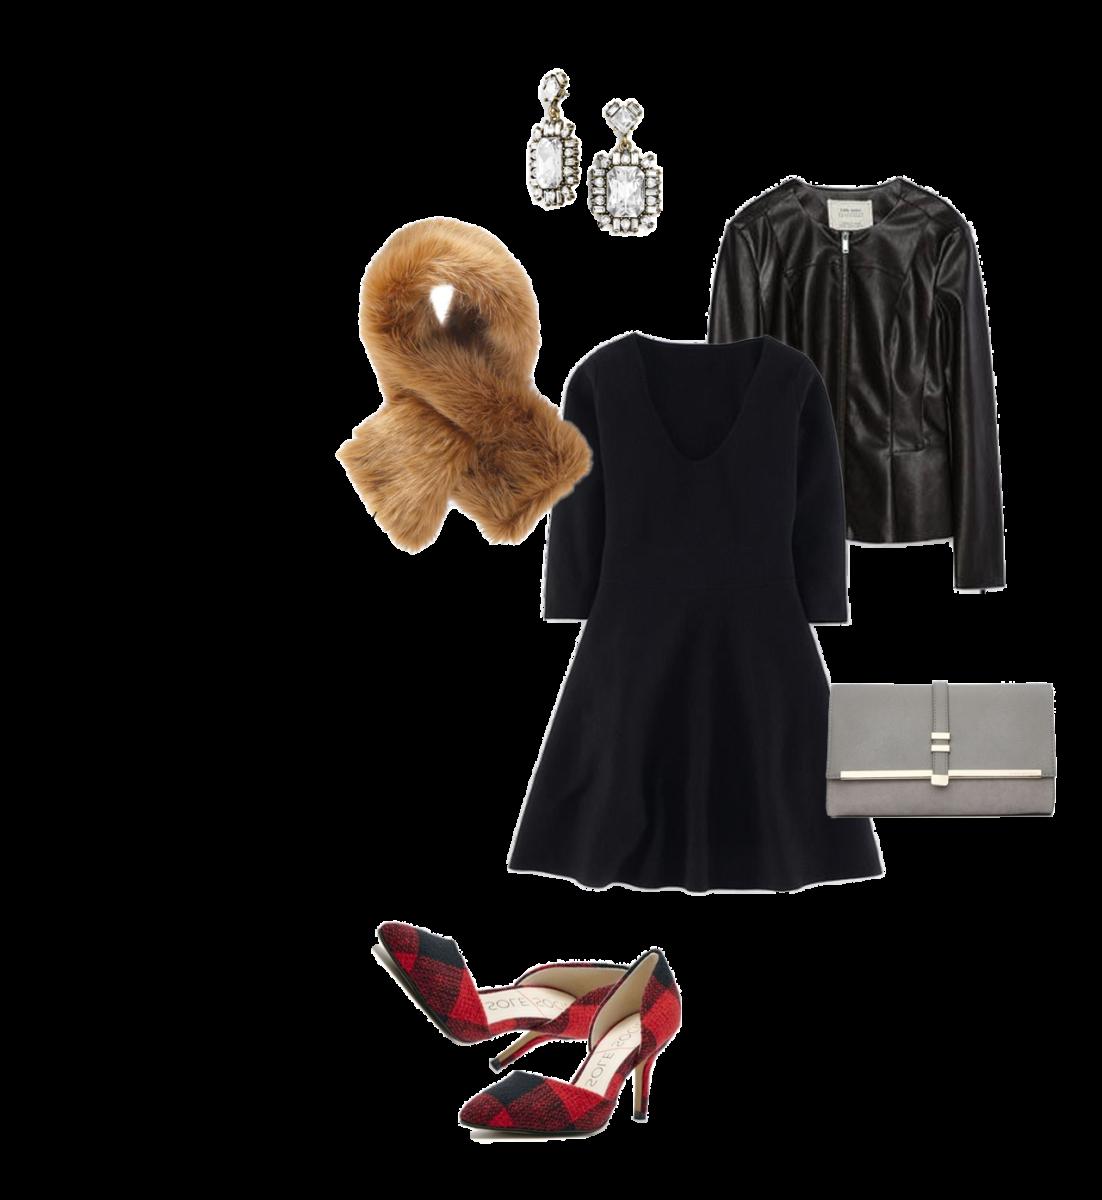 Dress: Boden, $149 / Jacket: Zara, $70 / Scarf: Joe Fresh, $39 / Earrings: BaubleBar, $34 / Clutch:Wallis, $35 / Heels: Sole Society, $75